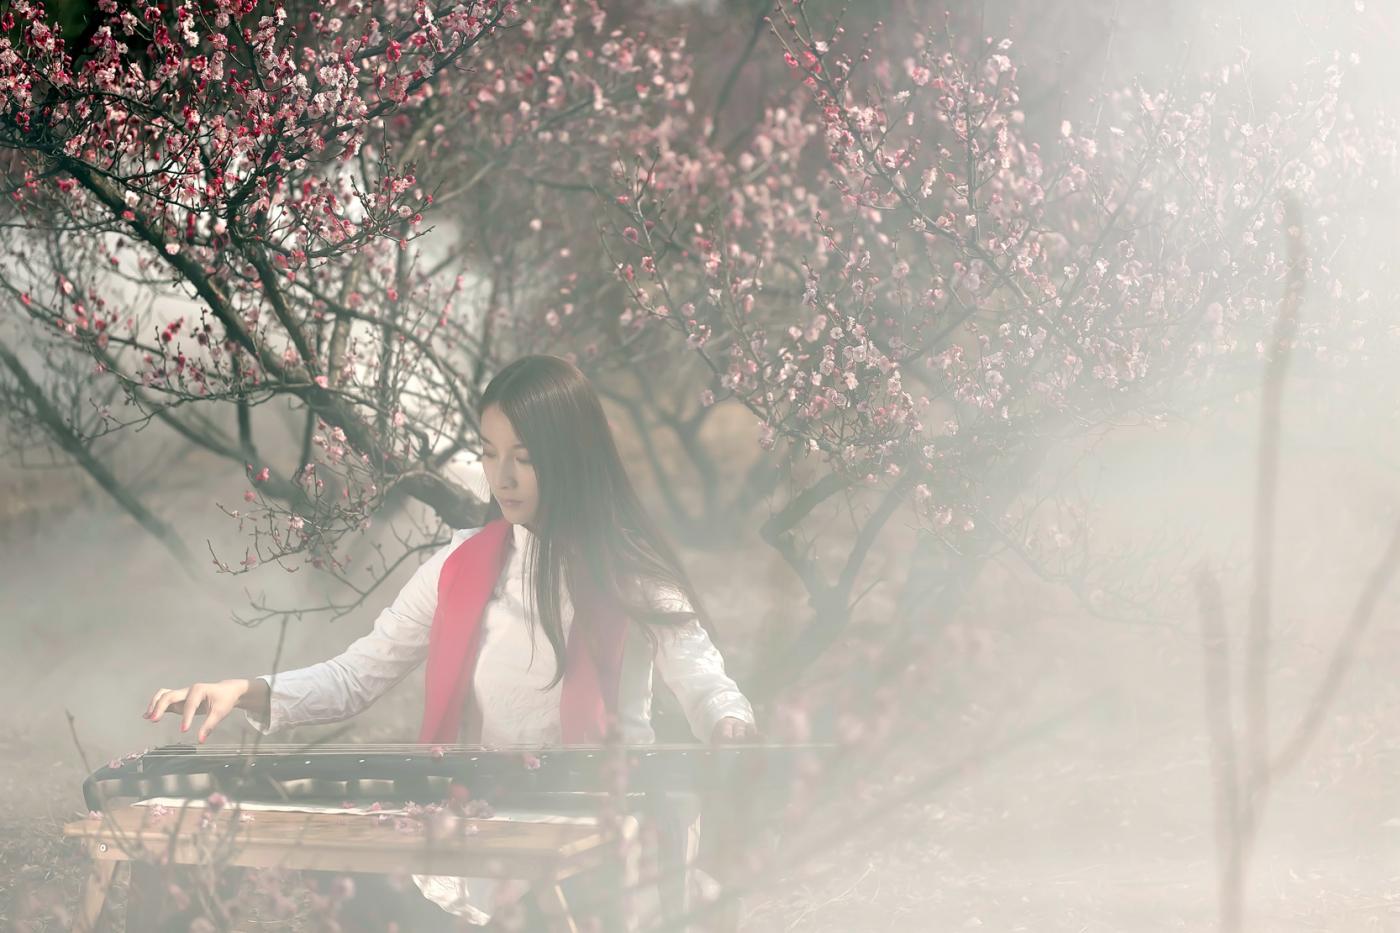 费县的春天从鲜花烂漫的梅林和女孩张诗奇的偶遇开始_图1-15